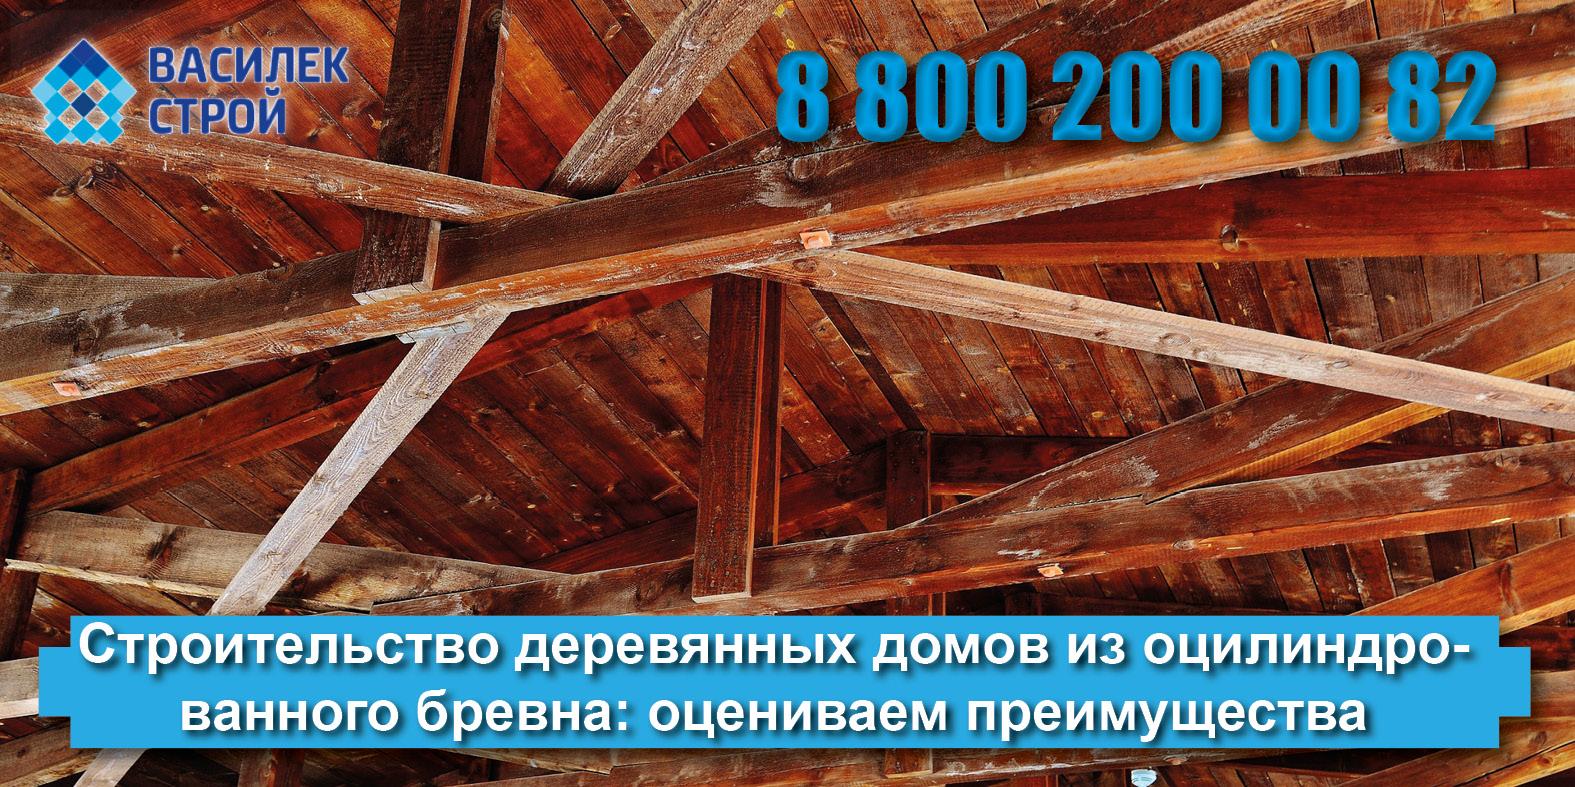 Минимальные расценки на строительство деревянных домов из оцилиндрованного бревна в Ярославле и Новгороде